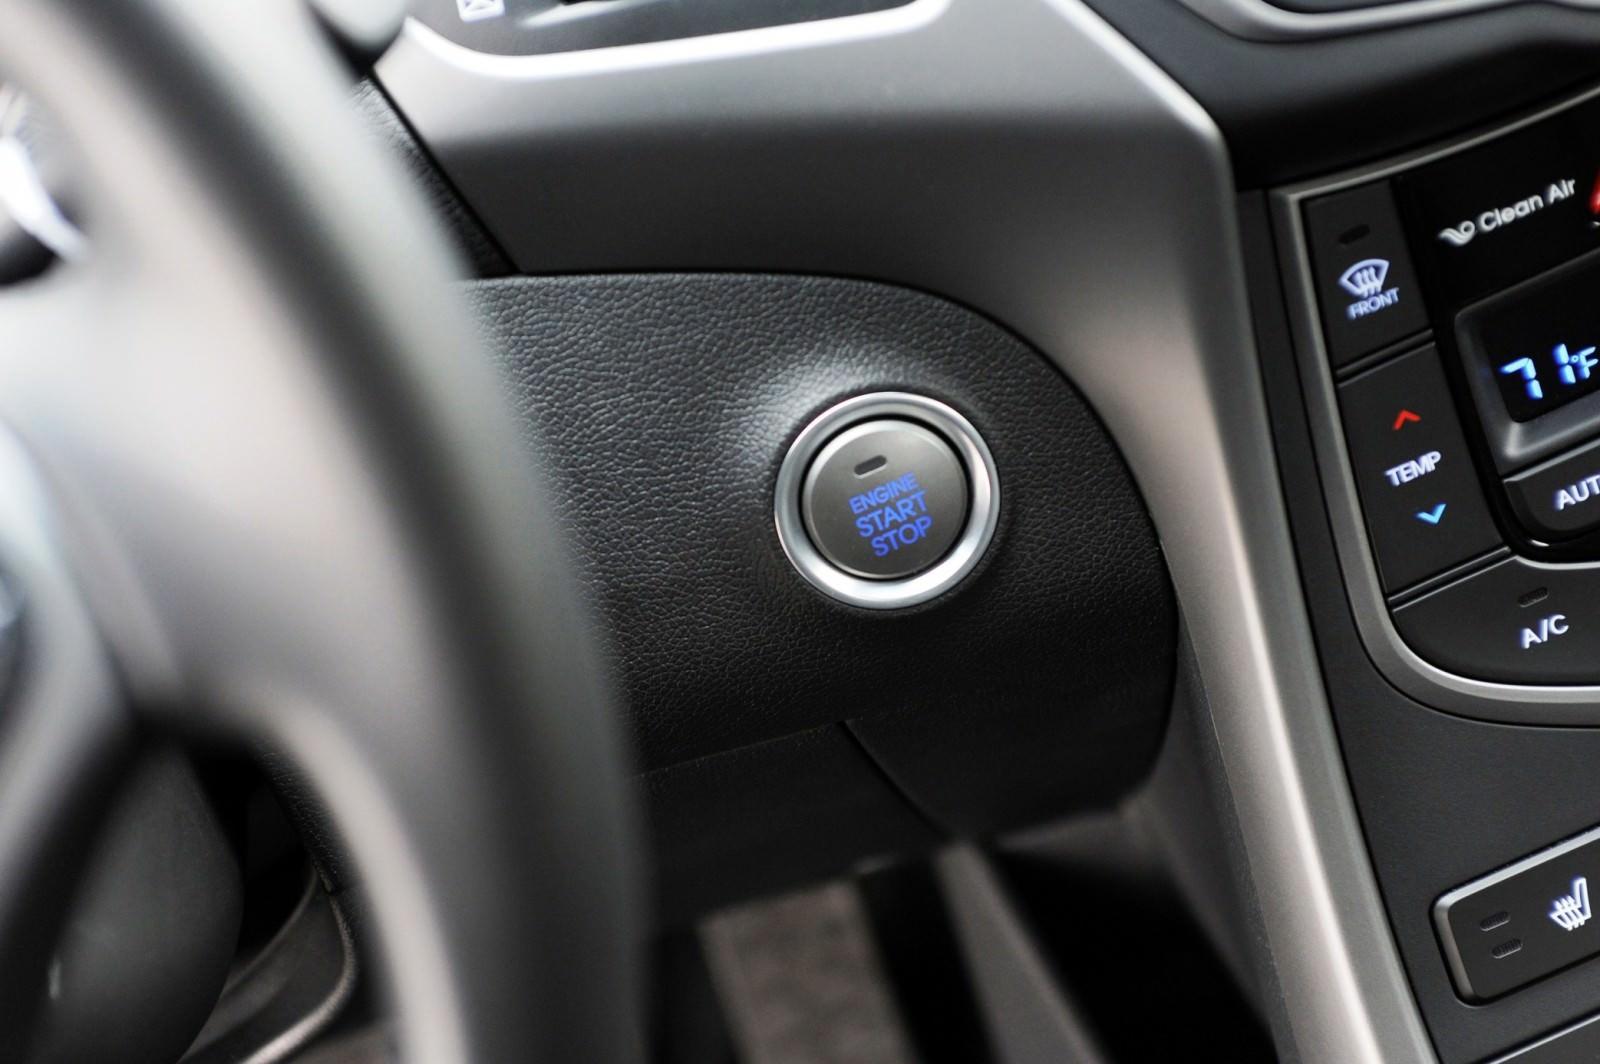 2015 Hyundai Elantra Sedan Brings Classy LED and Tech Updates  30